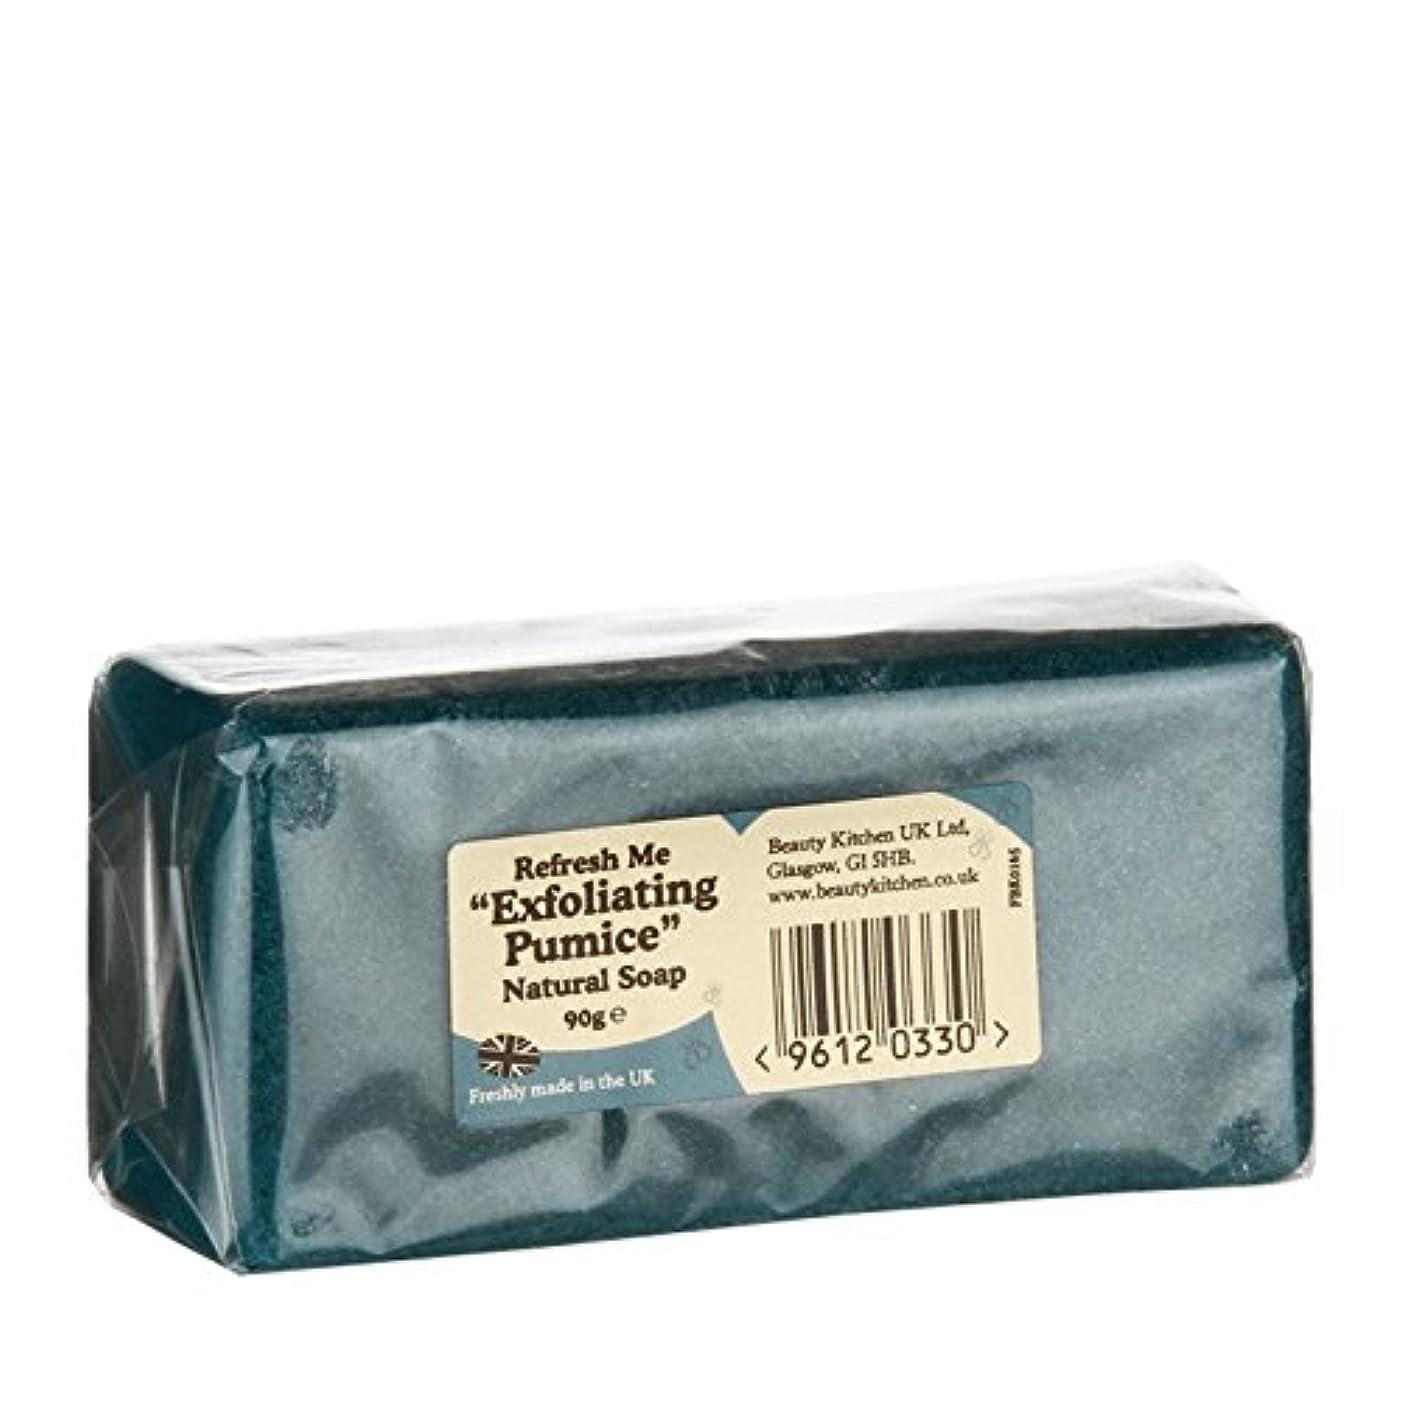 標高原点スパーク美しさのキッチンは、軽石の天然石鹸90グラムを剥離私をリフレッシュ - Beauty Kitchen Refresh Me Exfoliating Pumice Natural Soap 90g (Beauty Kitchen...